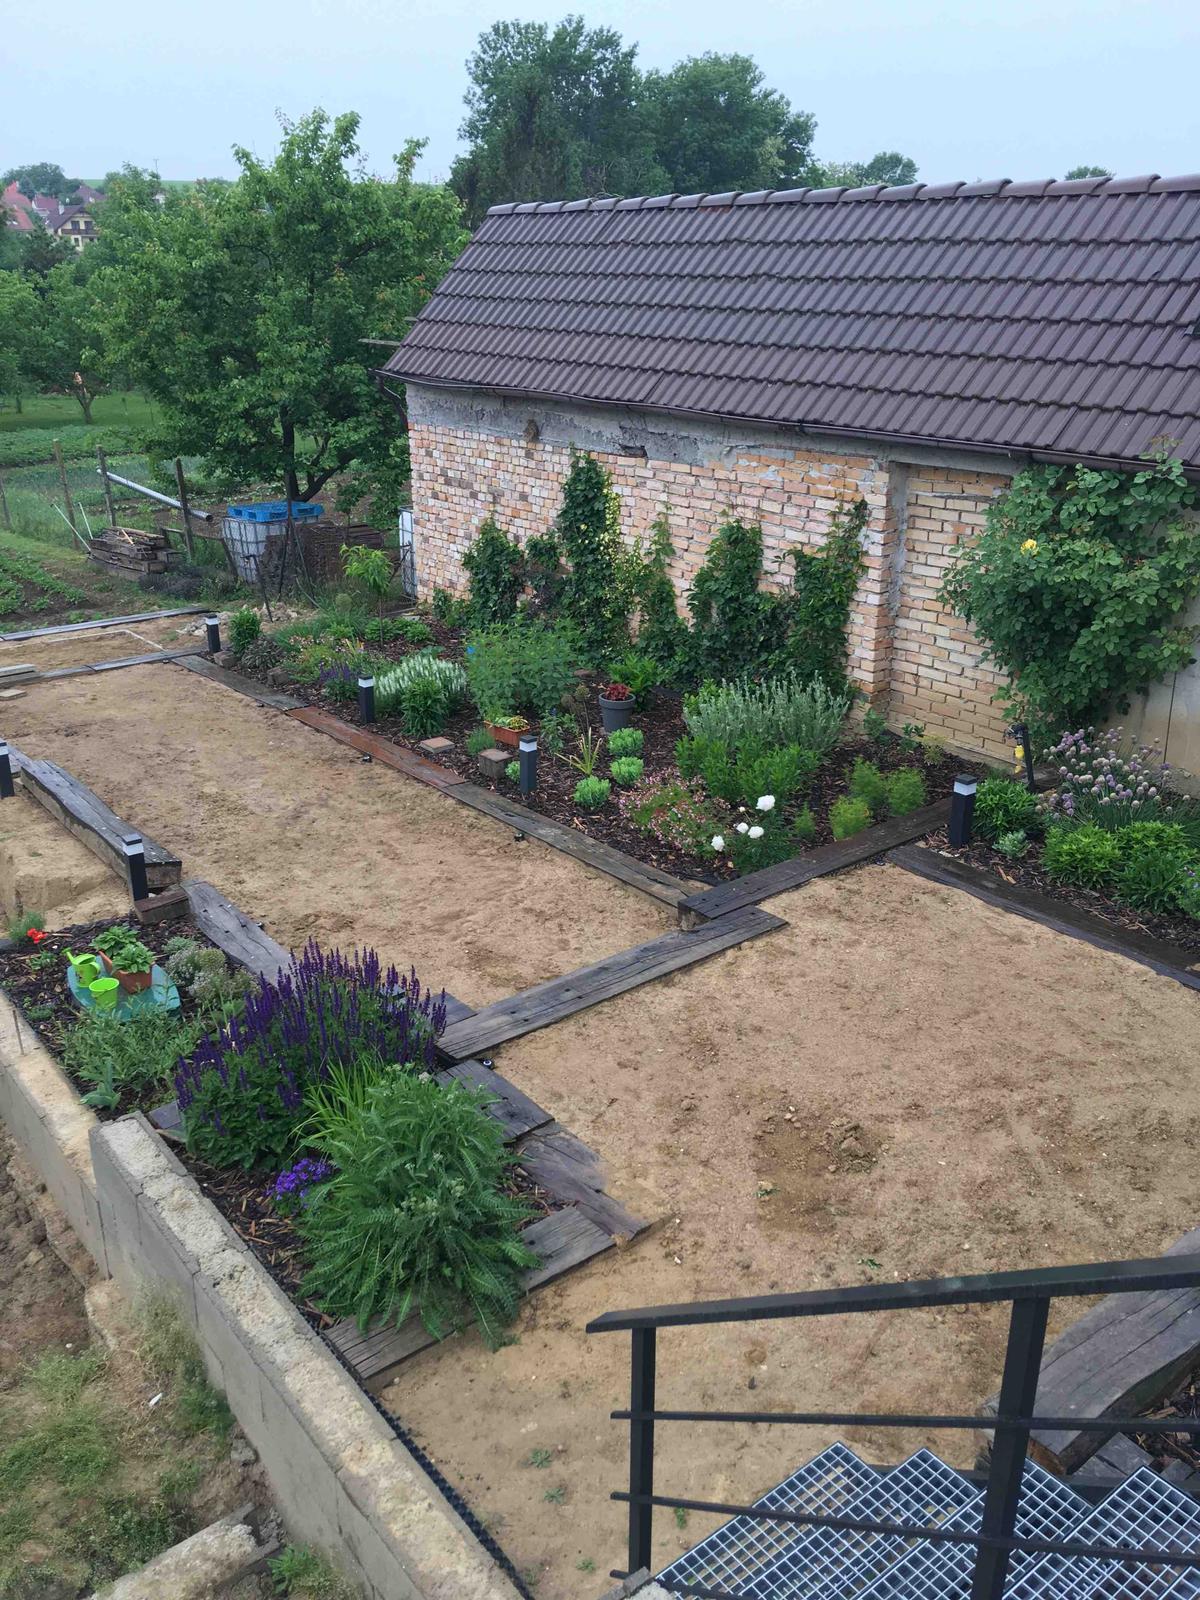 Názov stavby 3 - in da garden - Závlahy v zemi, už len vyrovnavat a polievať nech ta zemina sadne a možno sa dočkáme aj koberca